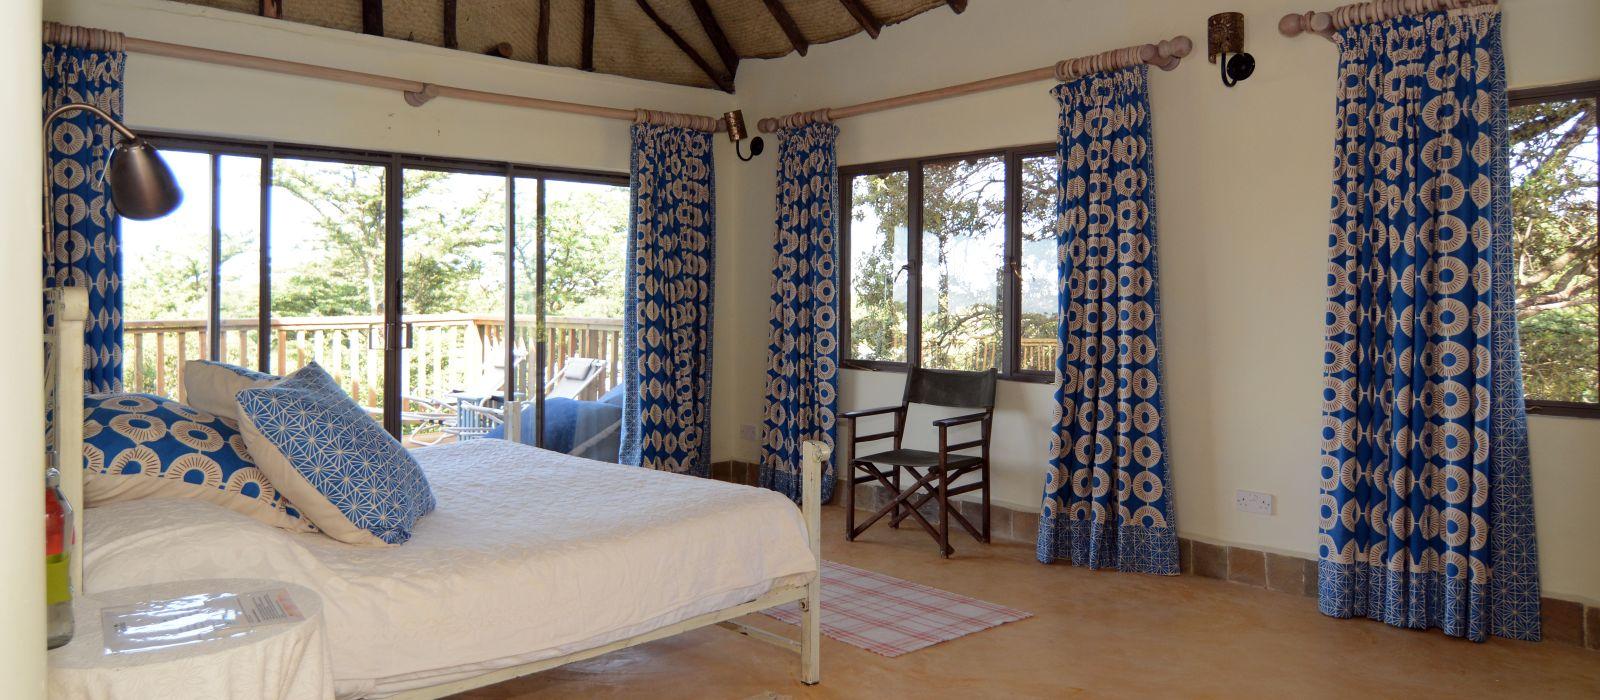 Hotel Pelican House Kenya